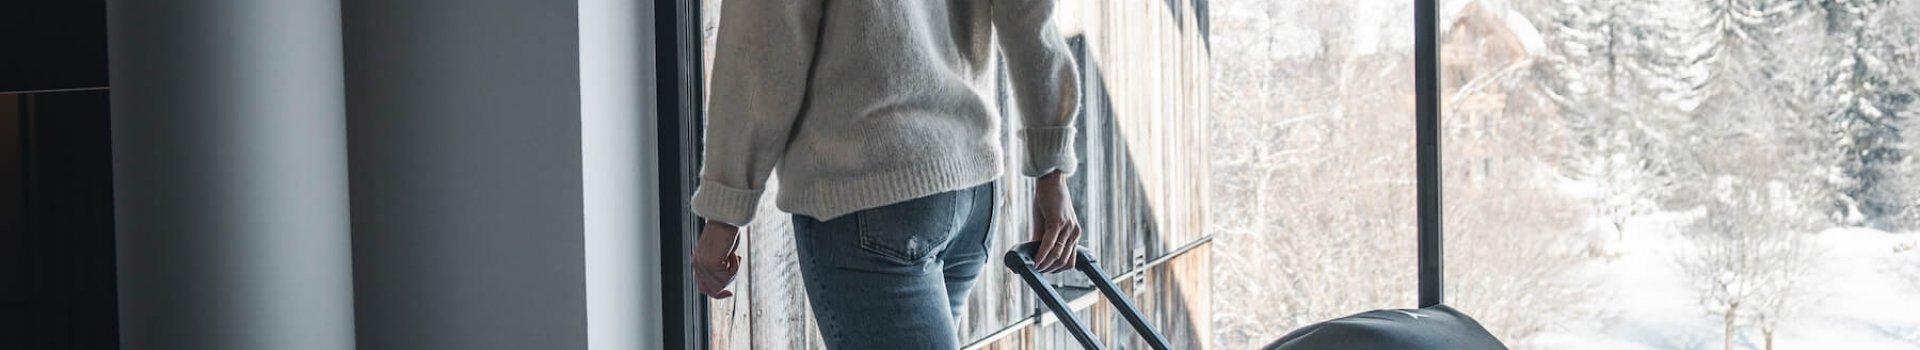 Dlaczego warto zainwestować w bluzę narciarską?